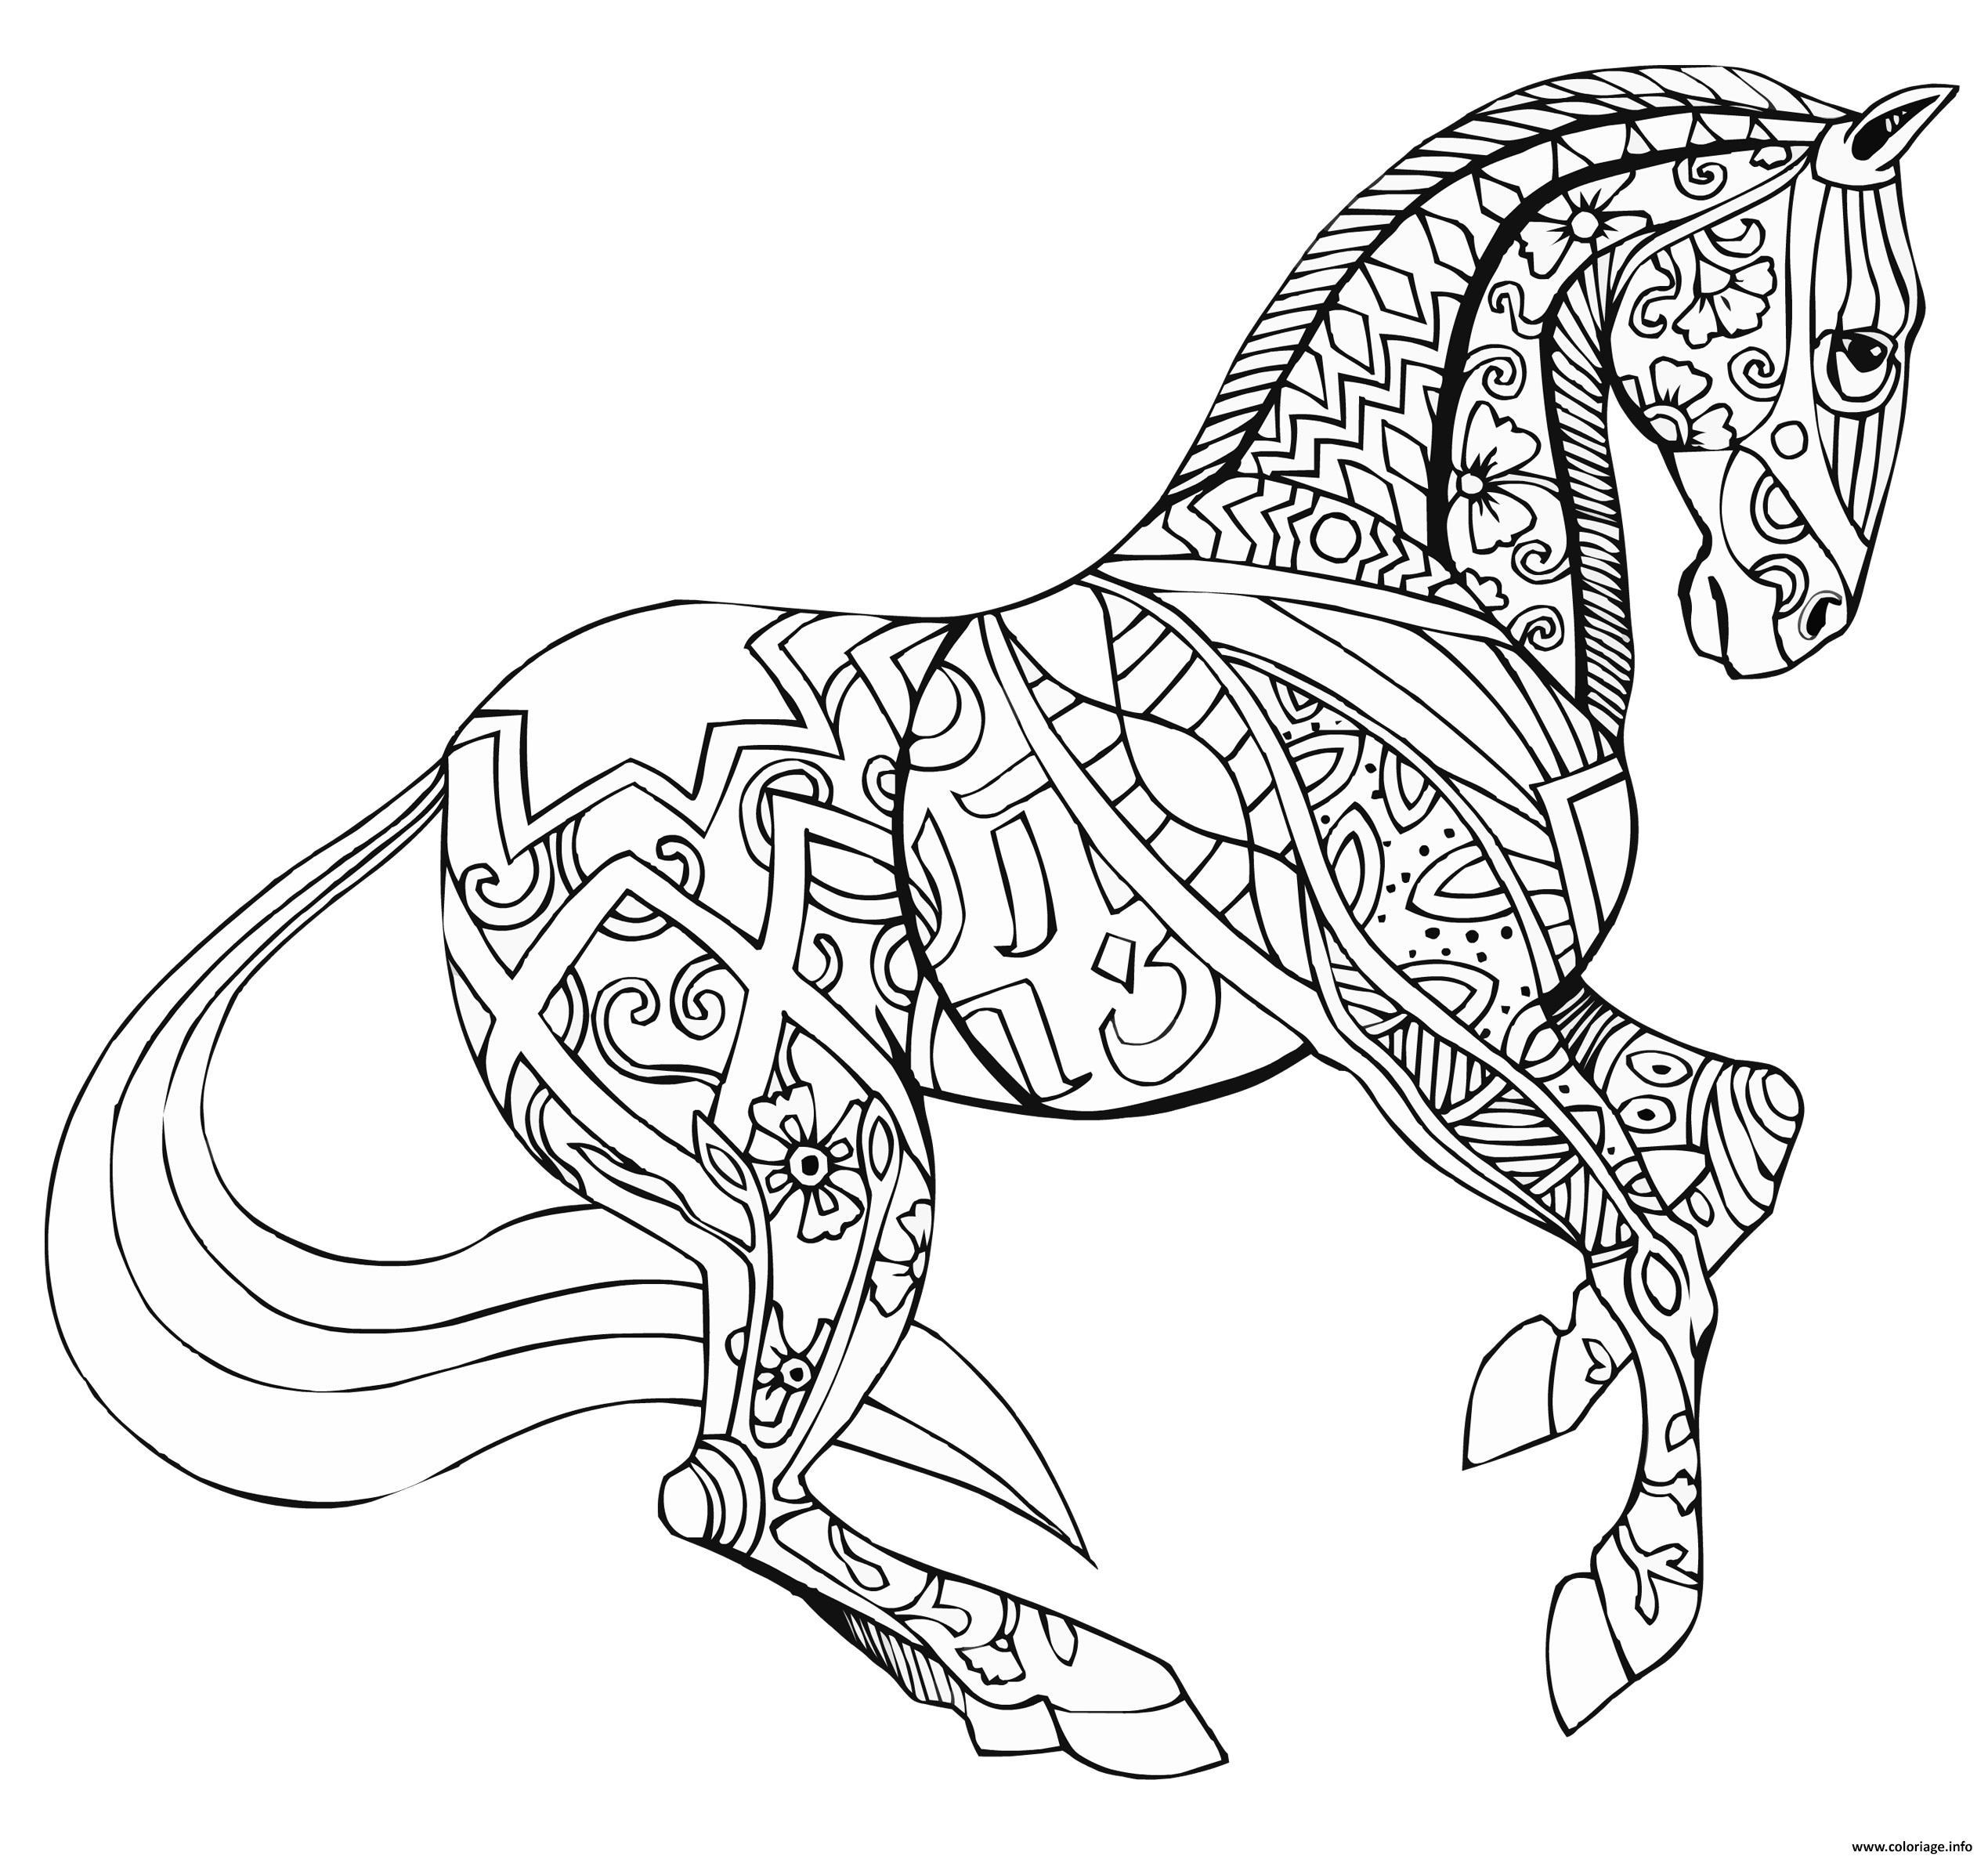 Dessin adulte cheval par selah works Coloriage Gratuit à Imprimer